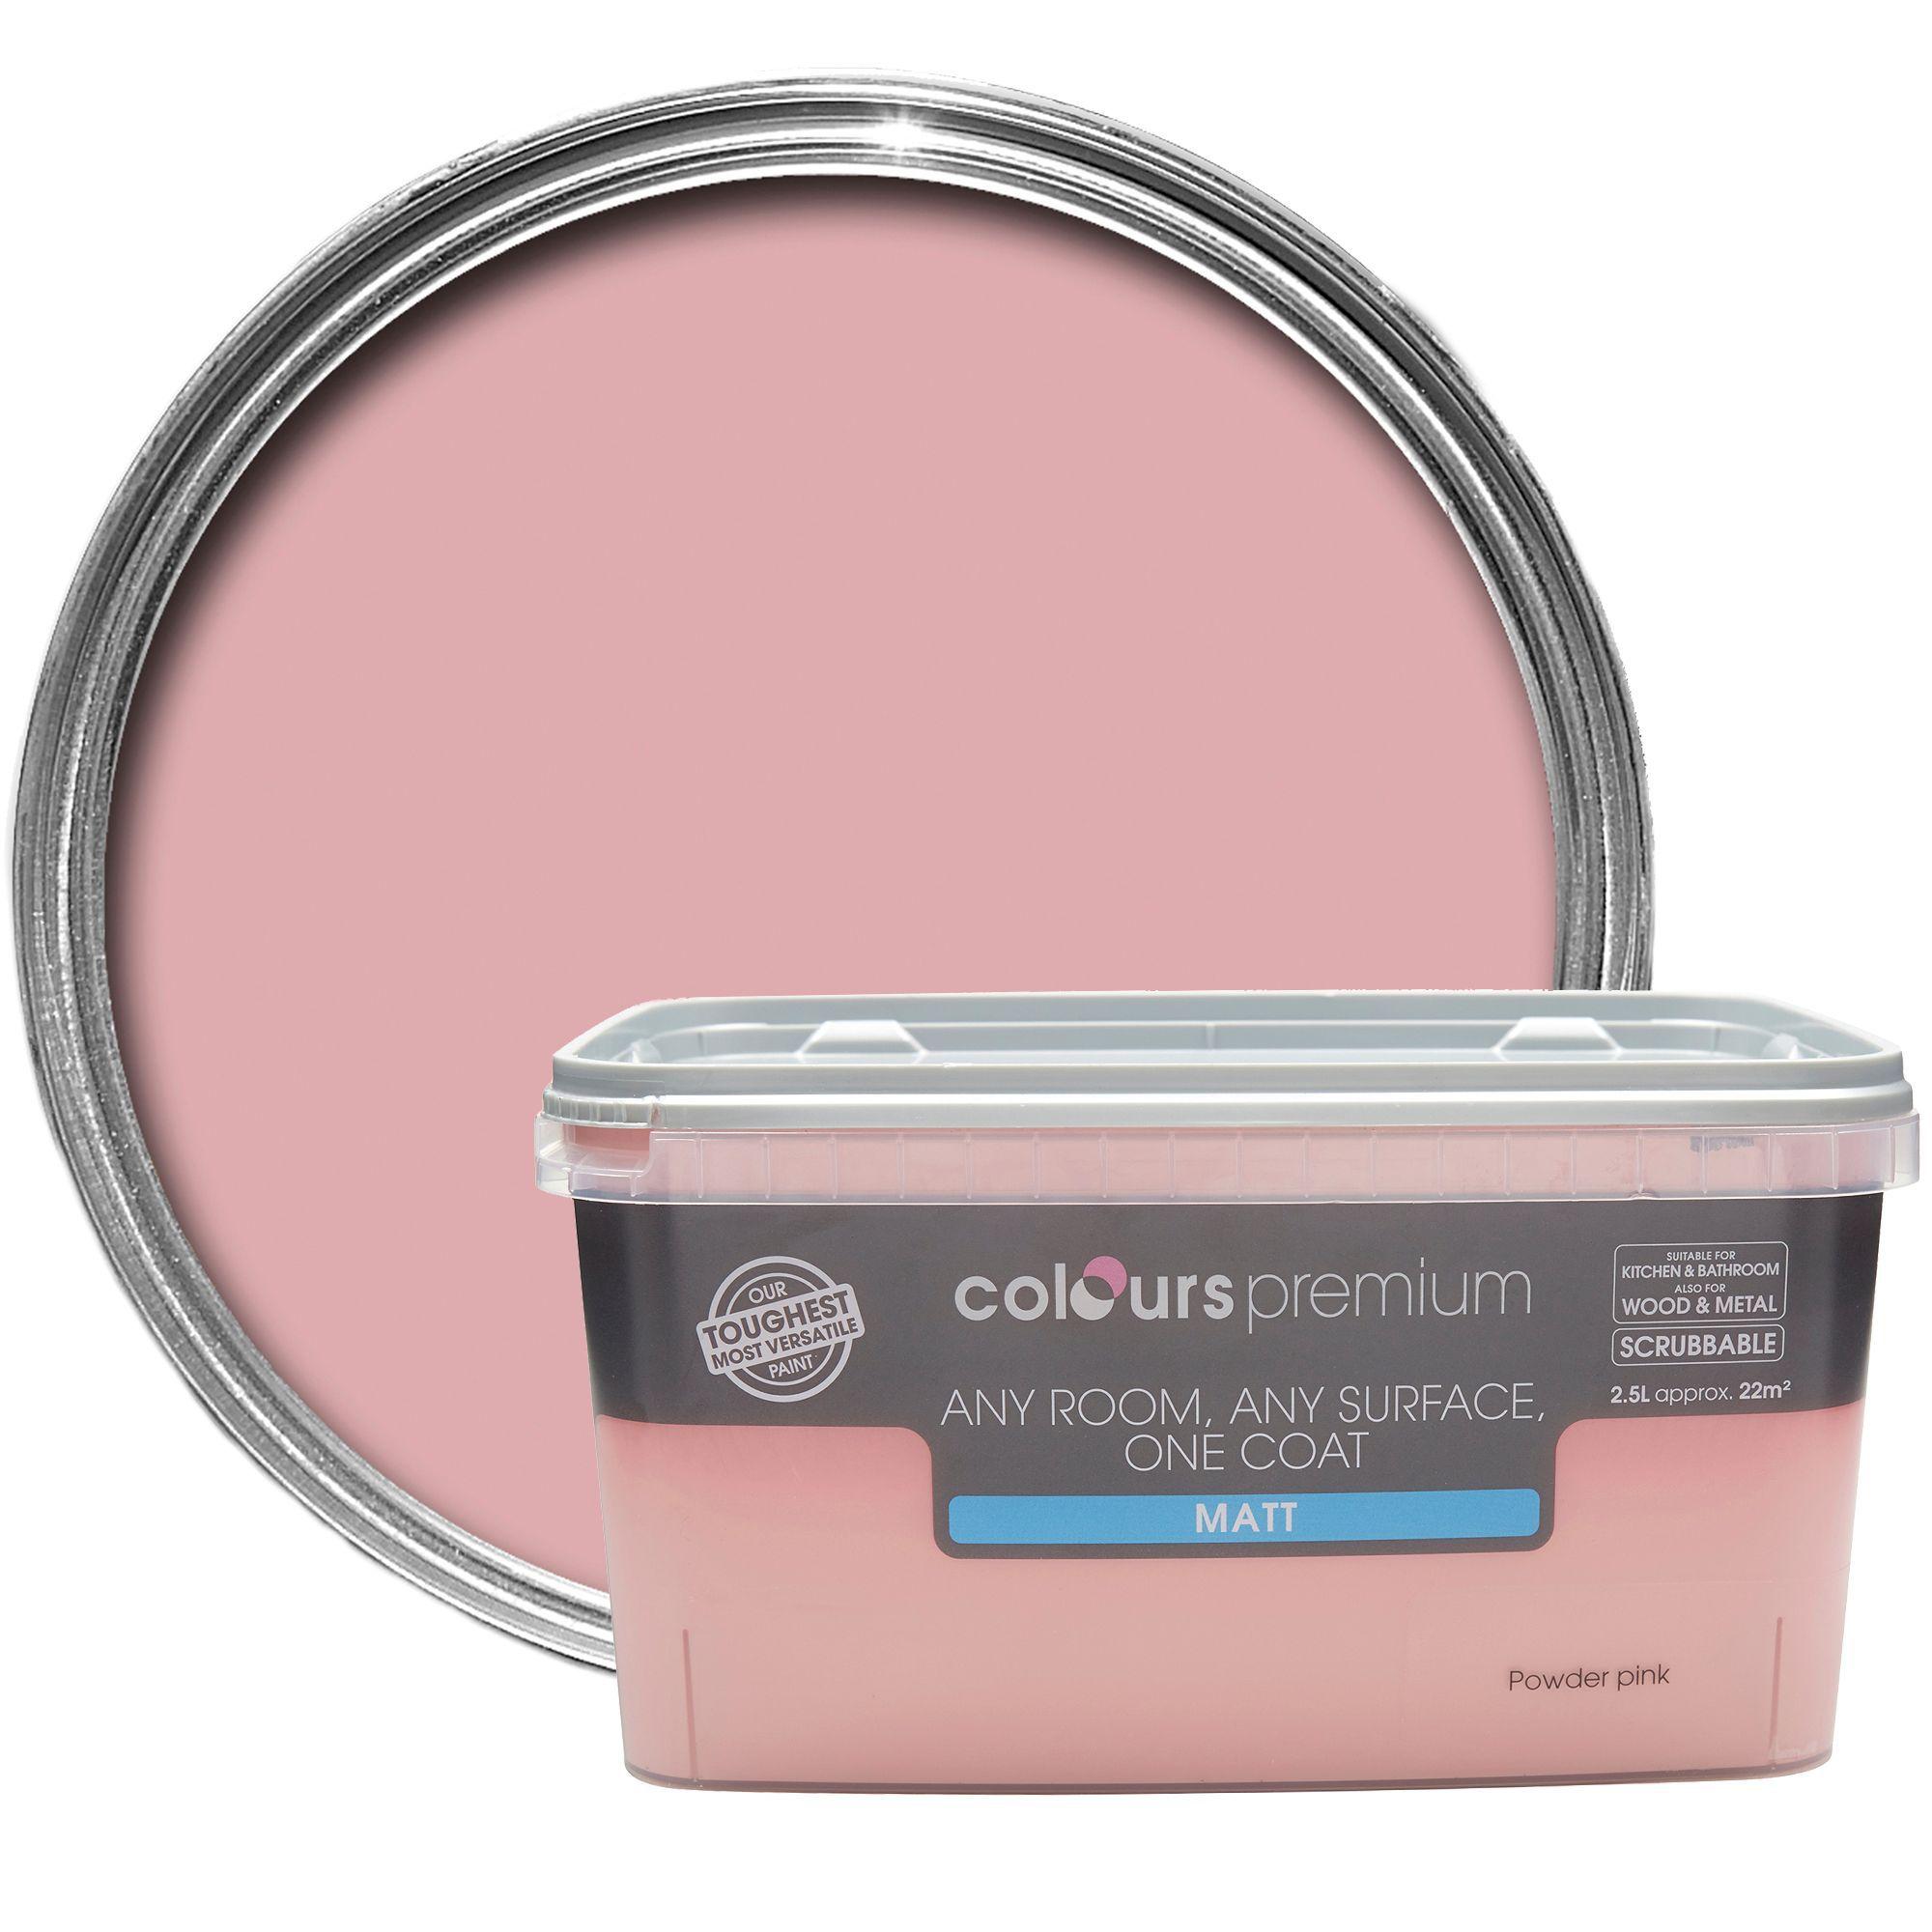 Colours Premium Powder Pink Matt Emulsion Paint 2.5l